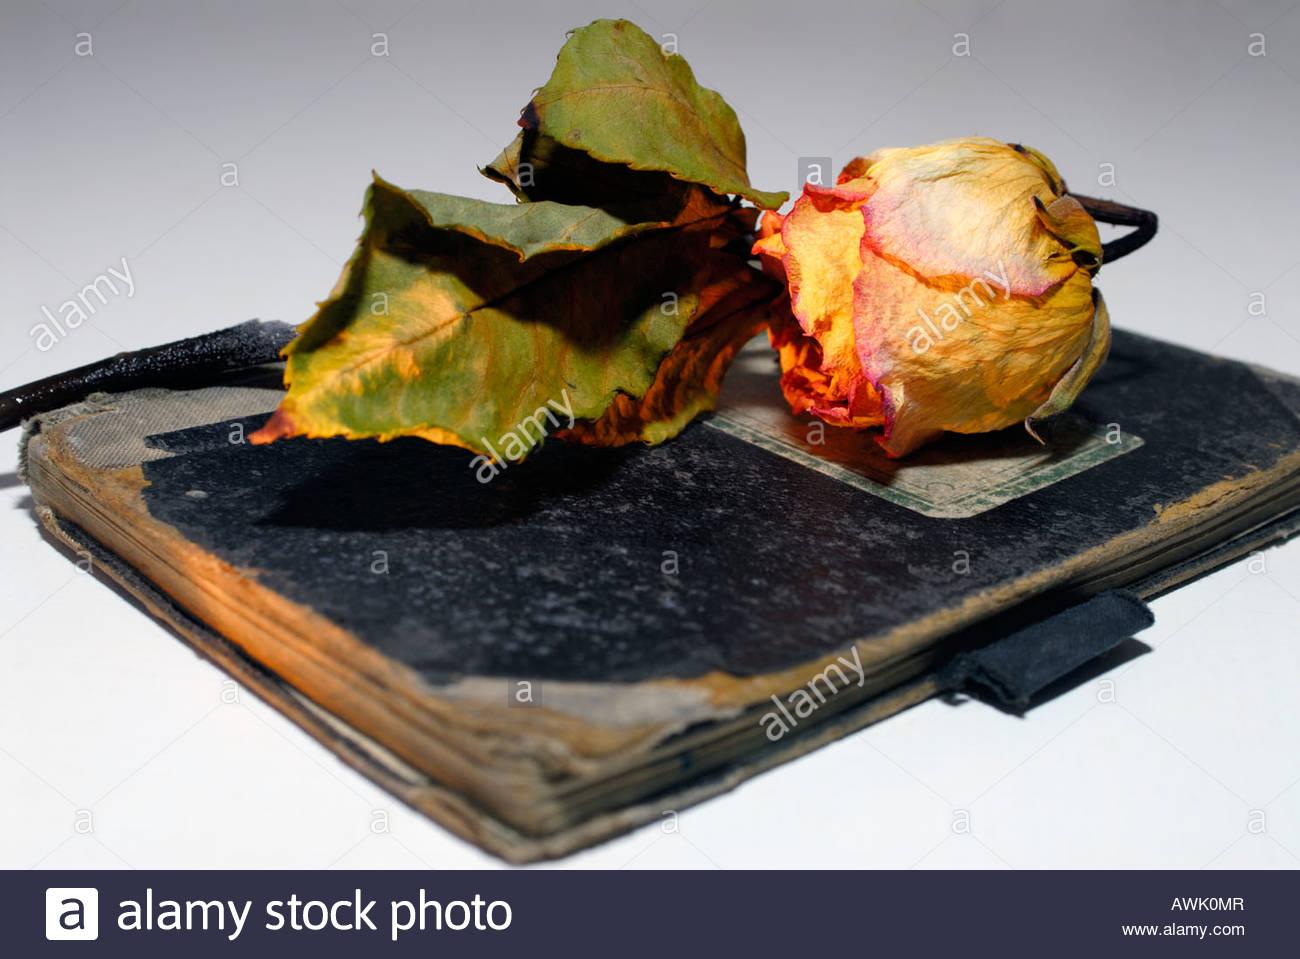 Tagebuch Tagebücher Liebe vergangene verblichene Rose Rosen vertrocknet vertrocknete altes alte Buch Bücher - Stock Image